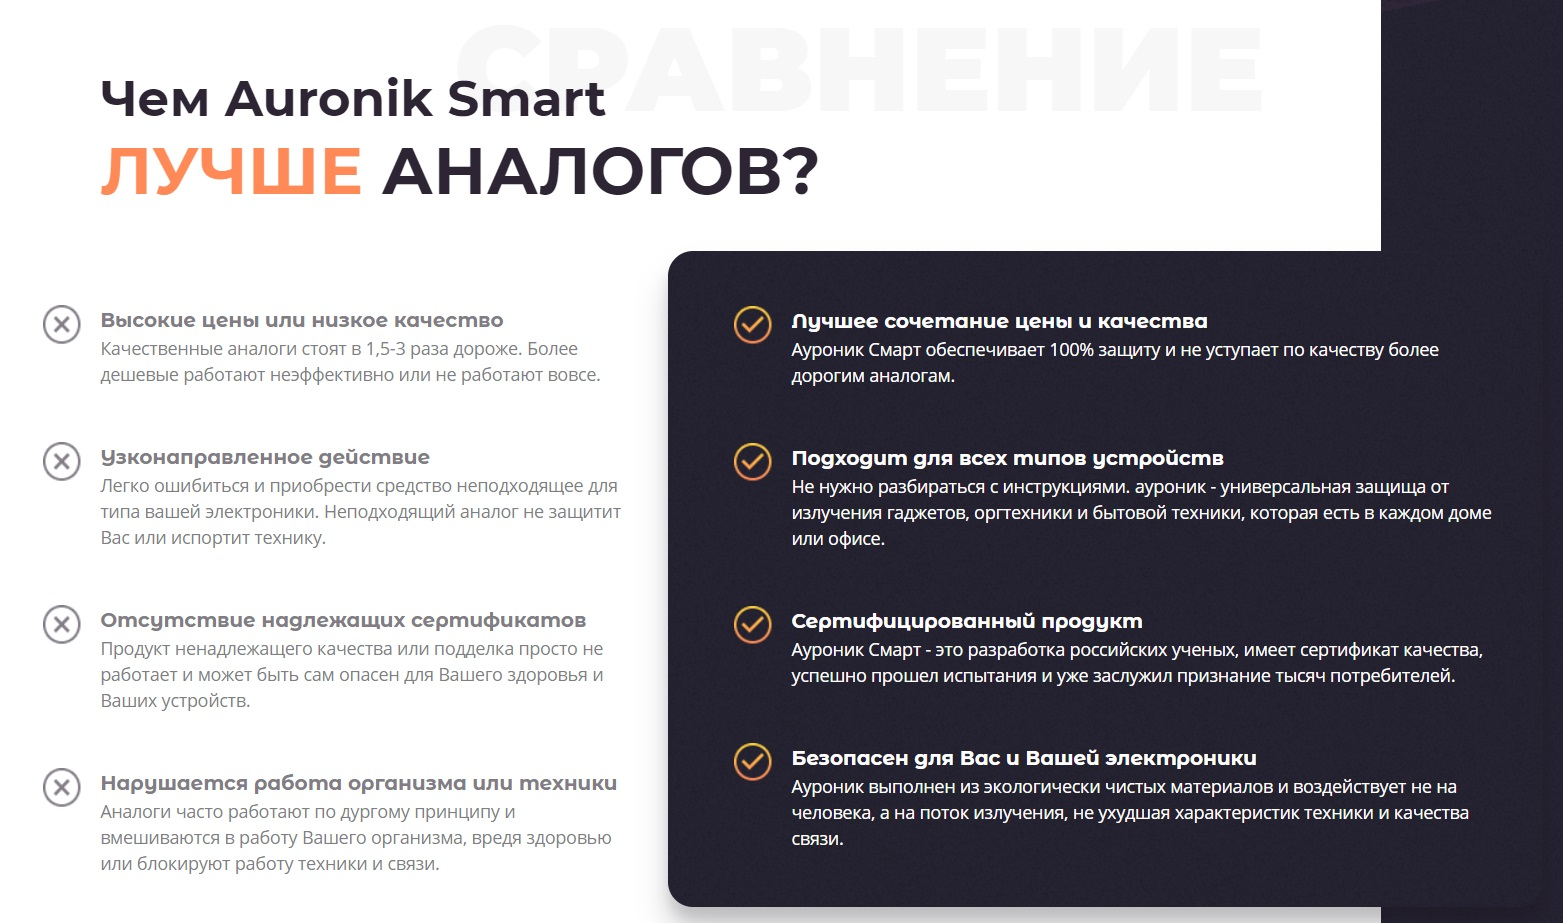 Сравнение Auronik Smart с аналогами